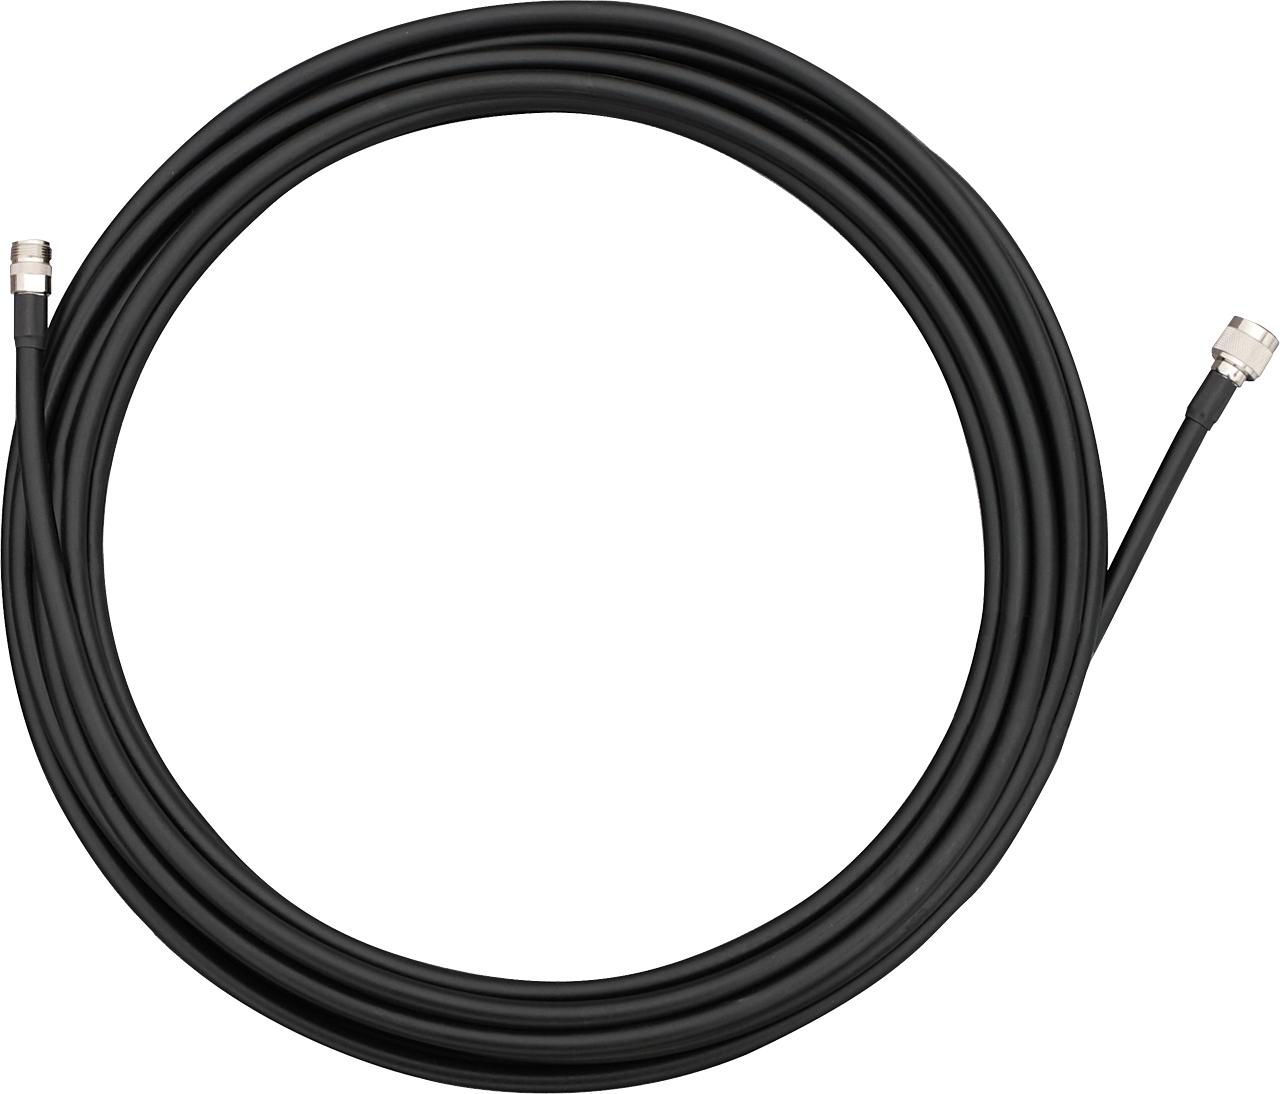 Câble d'extension à faible perte pour antenne de 12 m